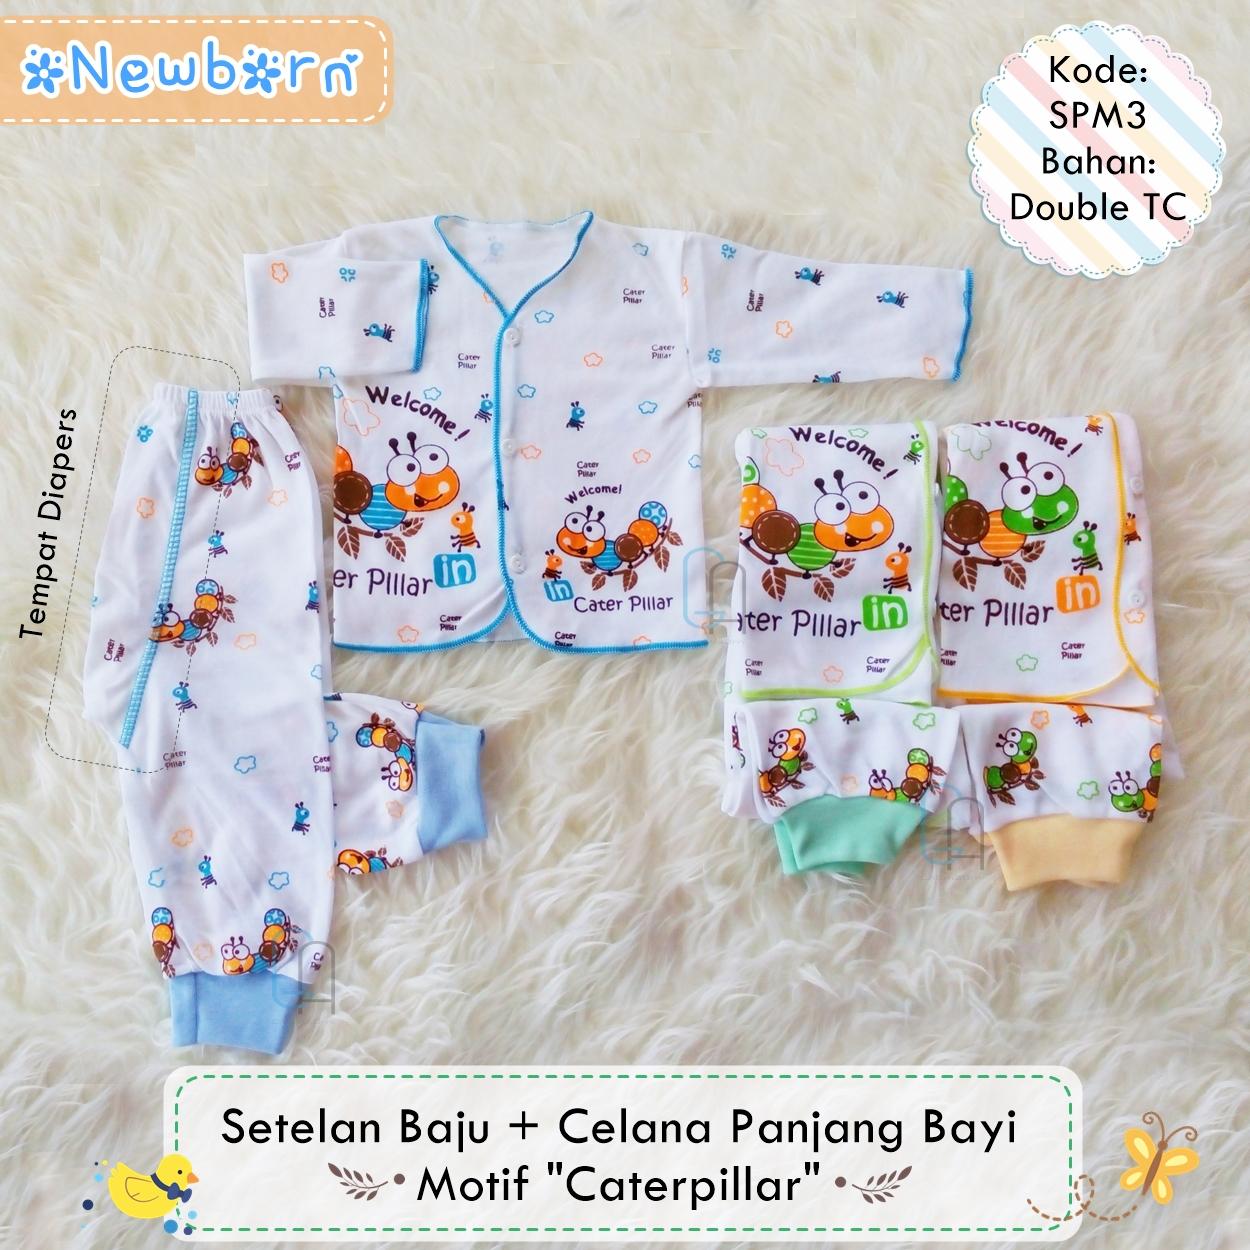 Celana Archives Page 35 Of 111 Toko  Pendek Cln 224 3 Set Setelan Baju Panjang Bayi Newborn Motif Lucu